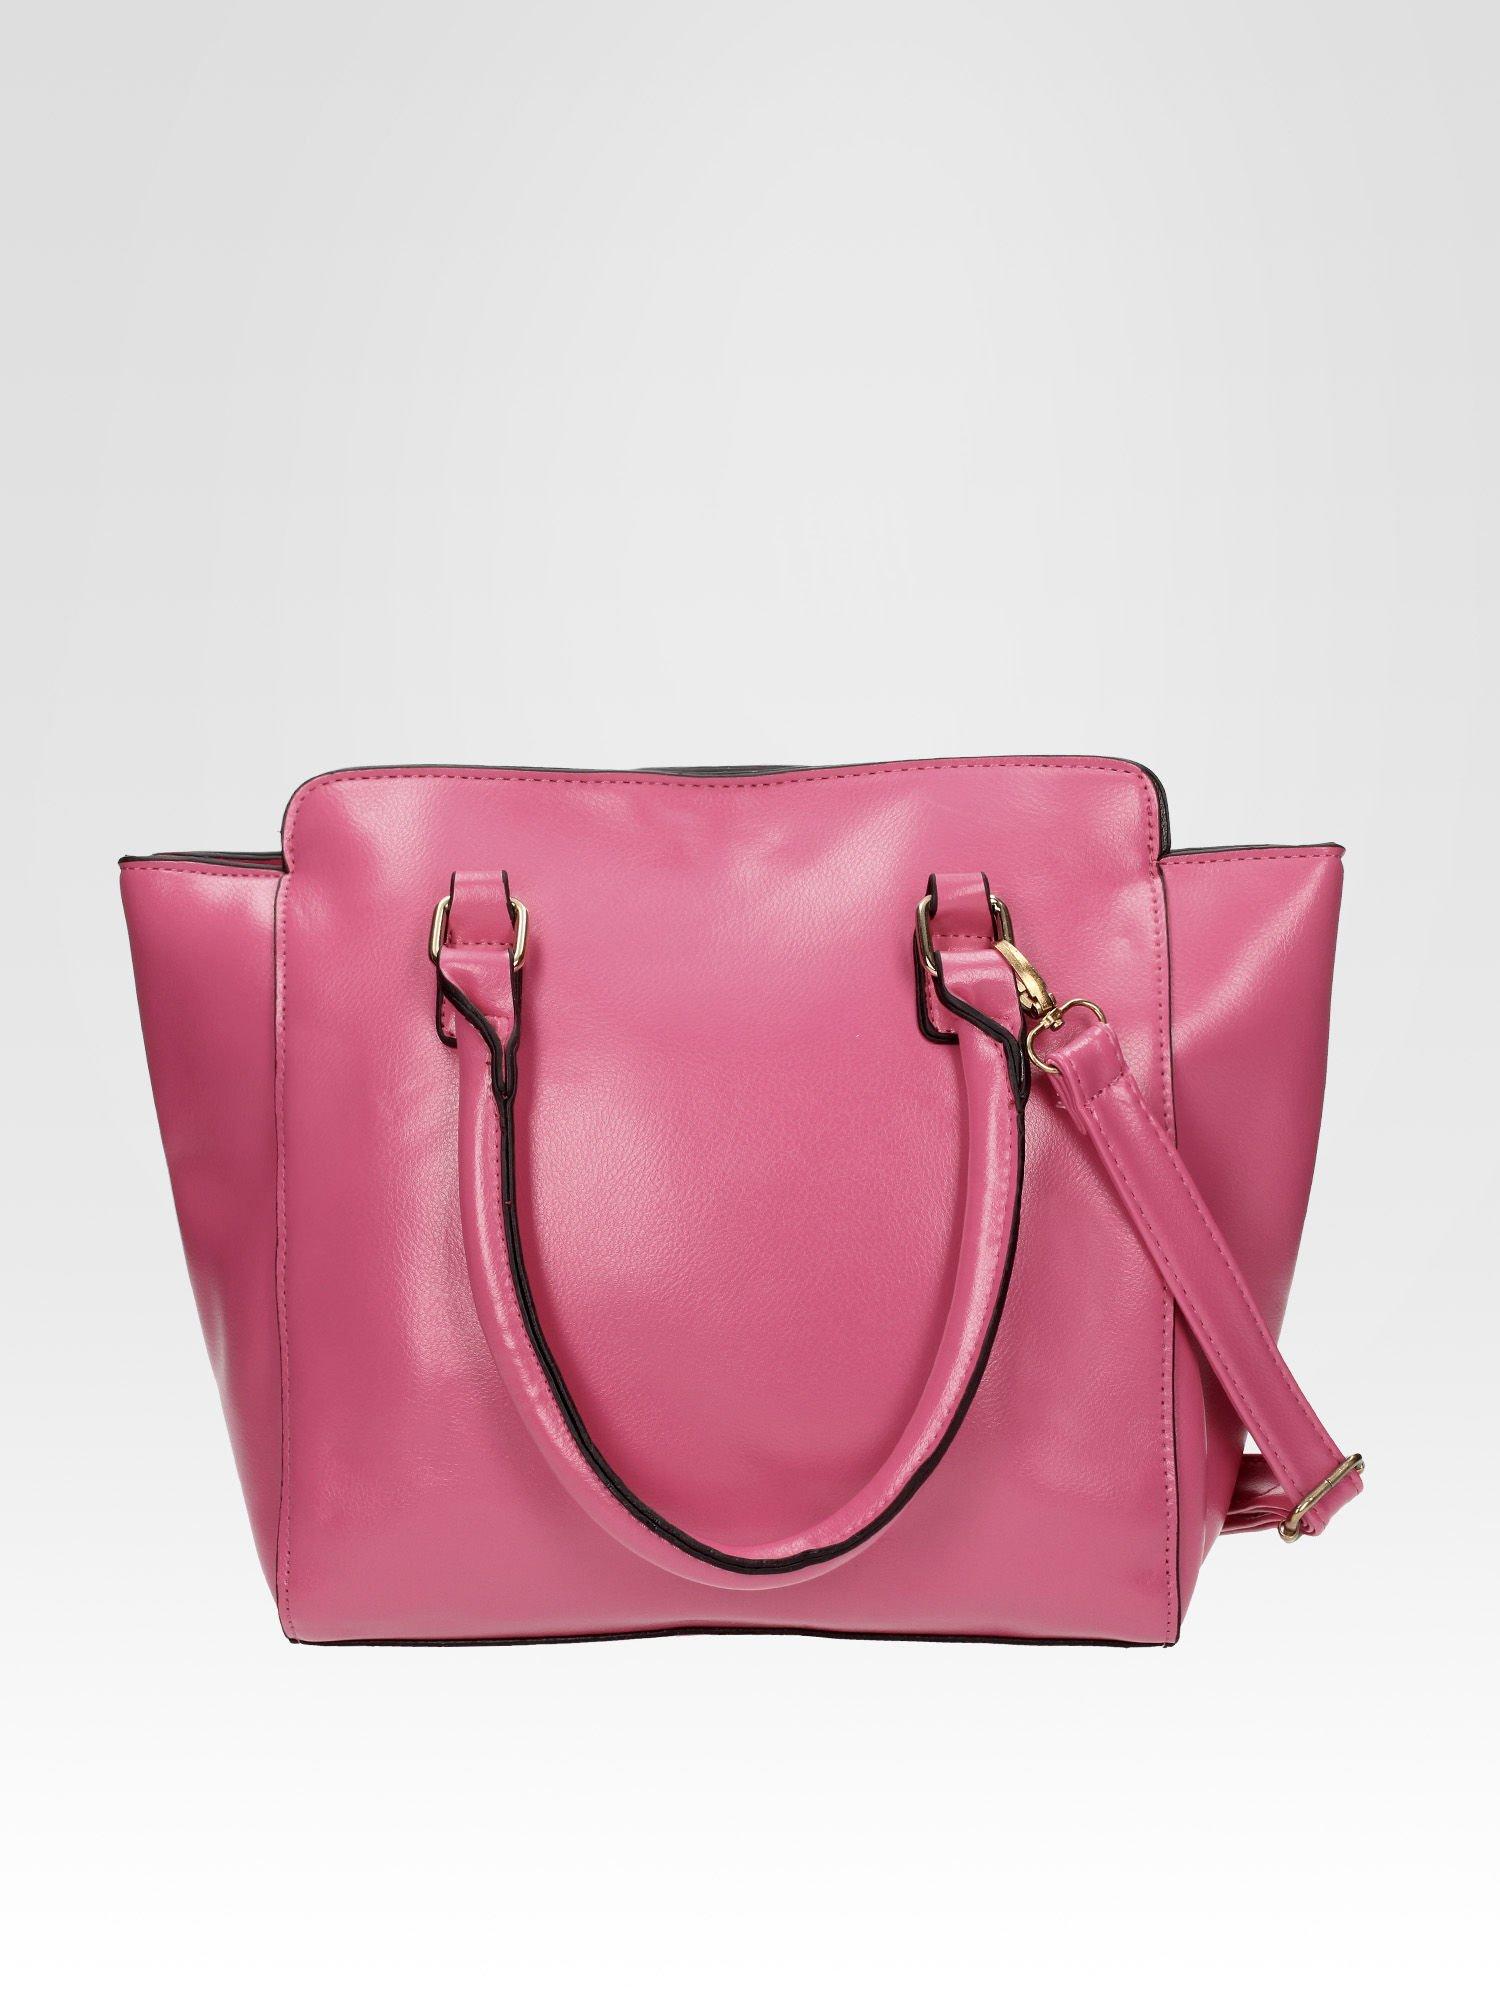 Jasnoróżowa torebka na ramię z dżetami                                  zdj.                                  2